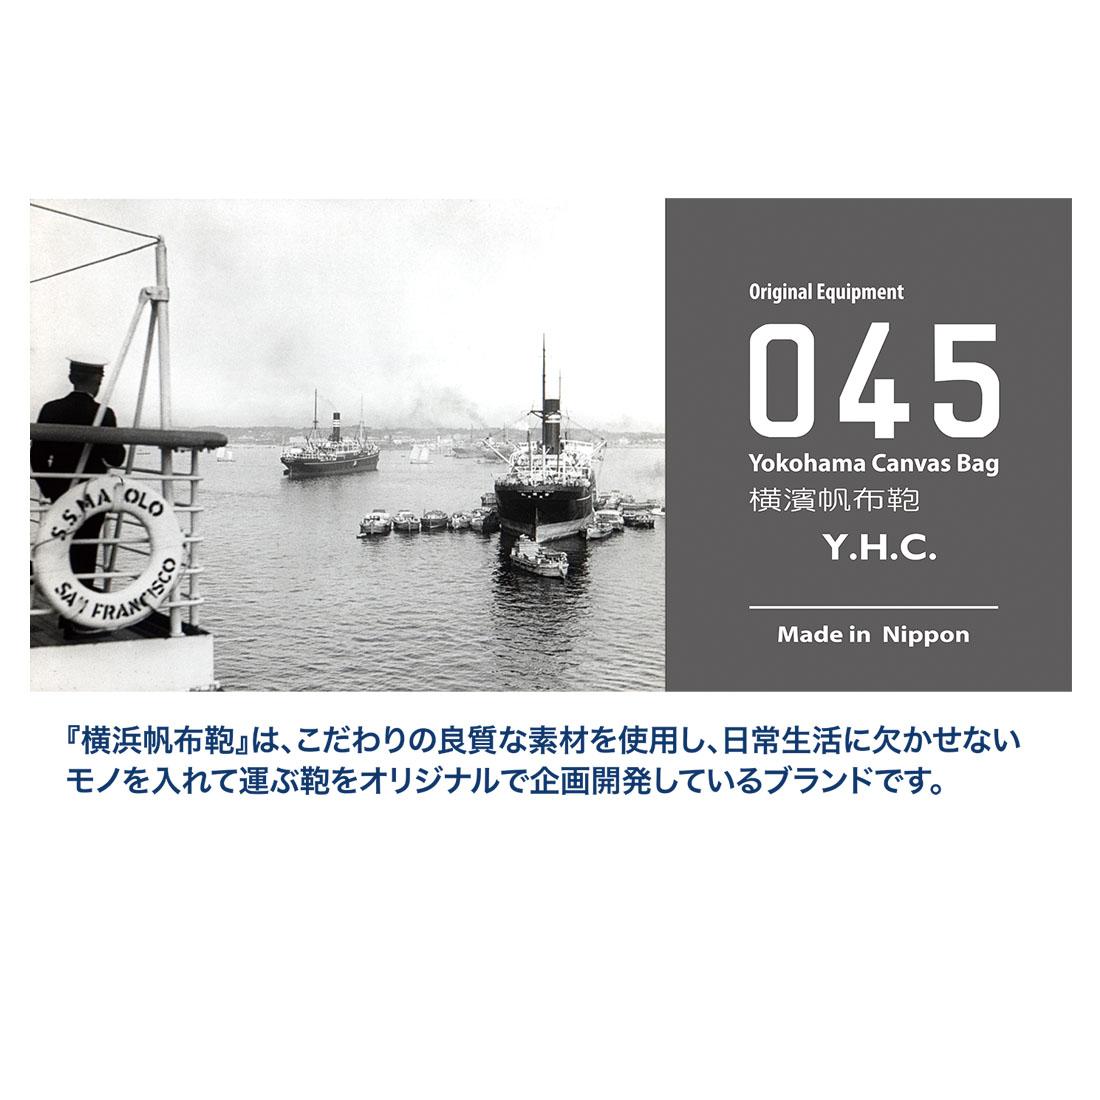 ミッフィー横浜045ボストンカラフル S OR